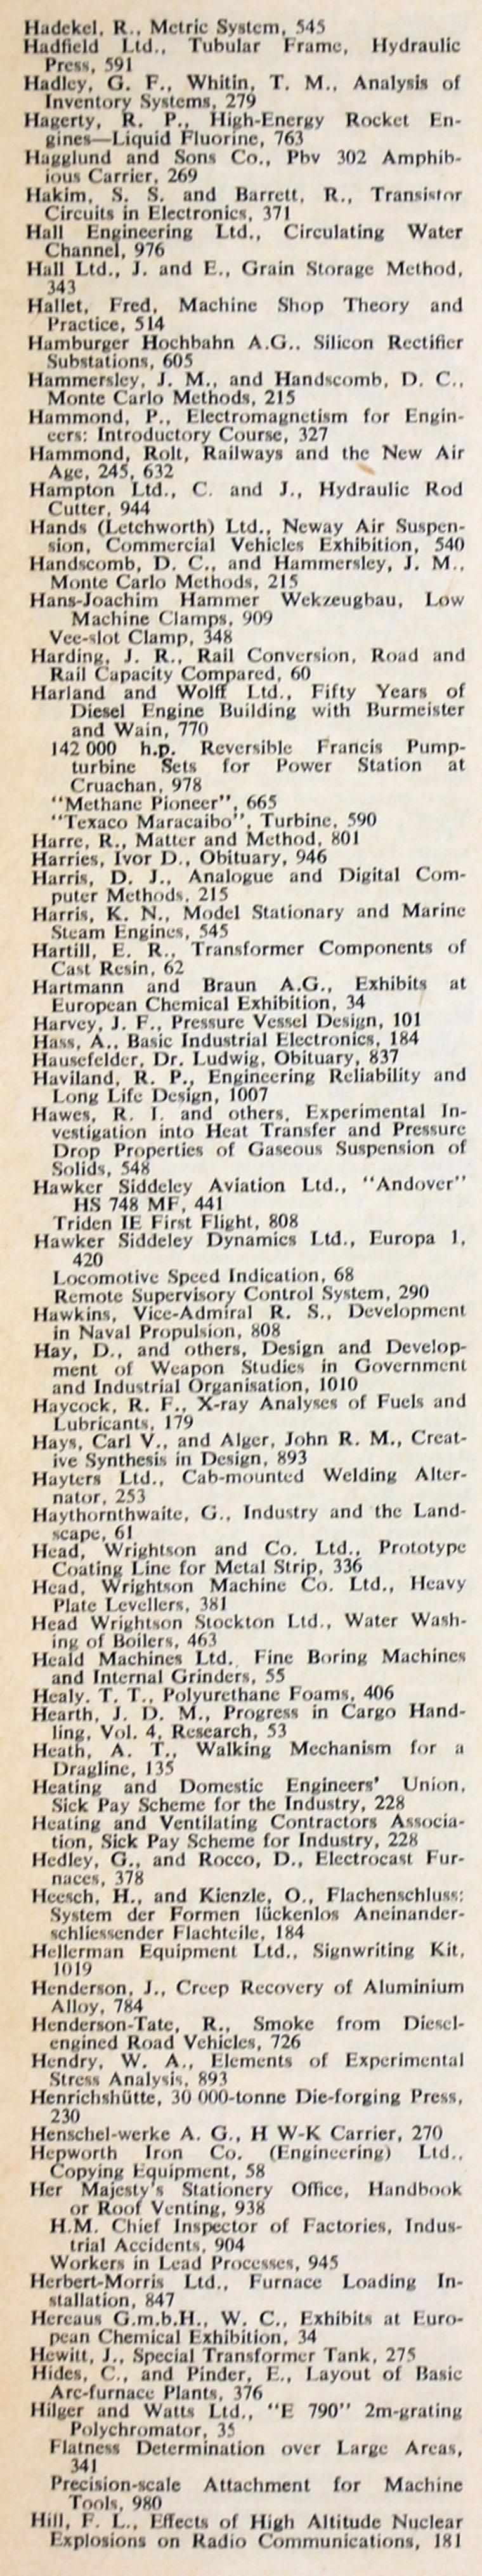 The Engineer 1964 Jul-Dec: Index